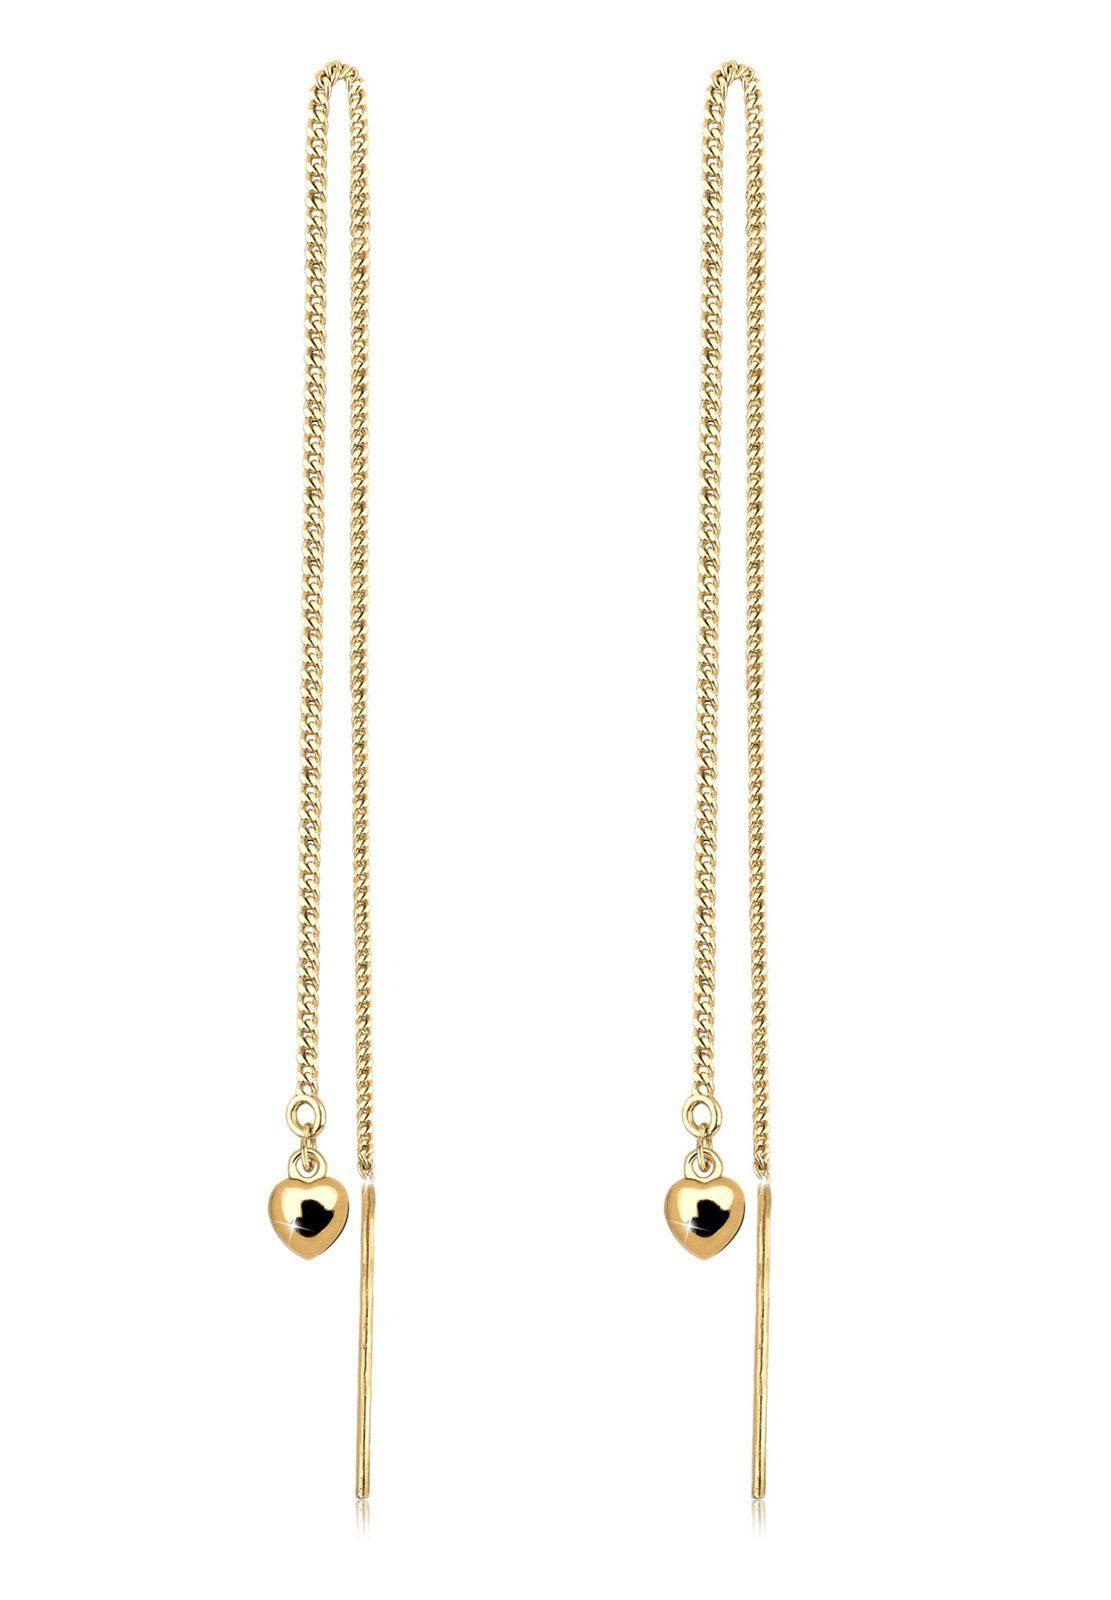 Goldhimmel Ohrringe »Herz Kette Feminin Elegant Geschenk vergoldet«